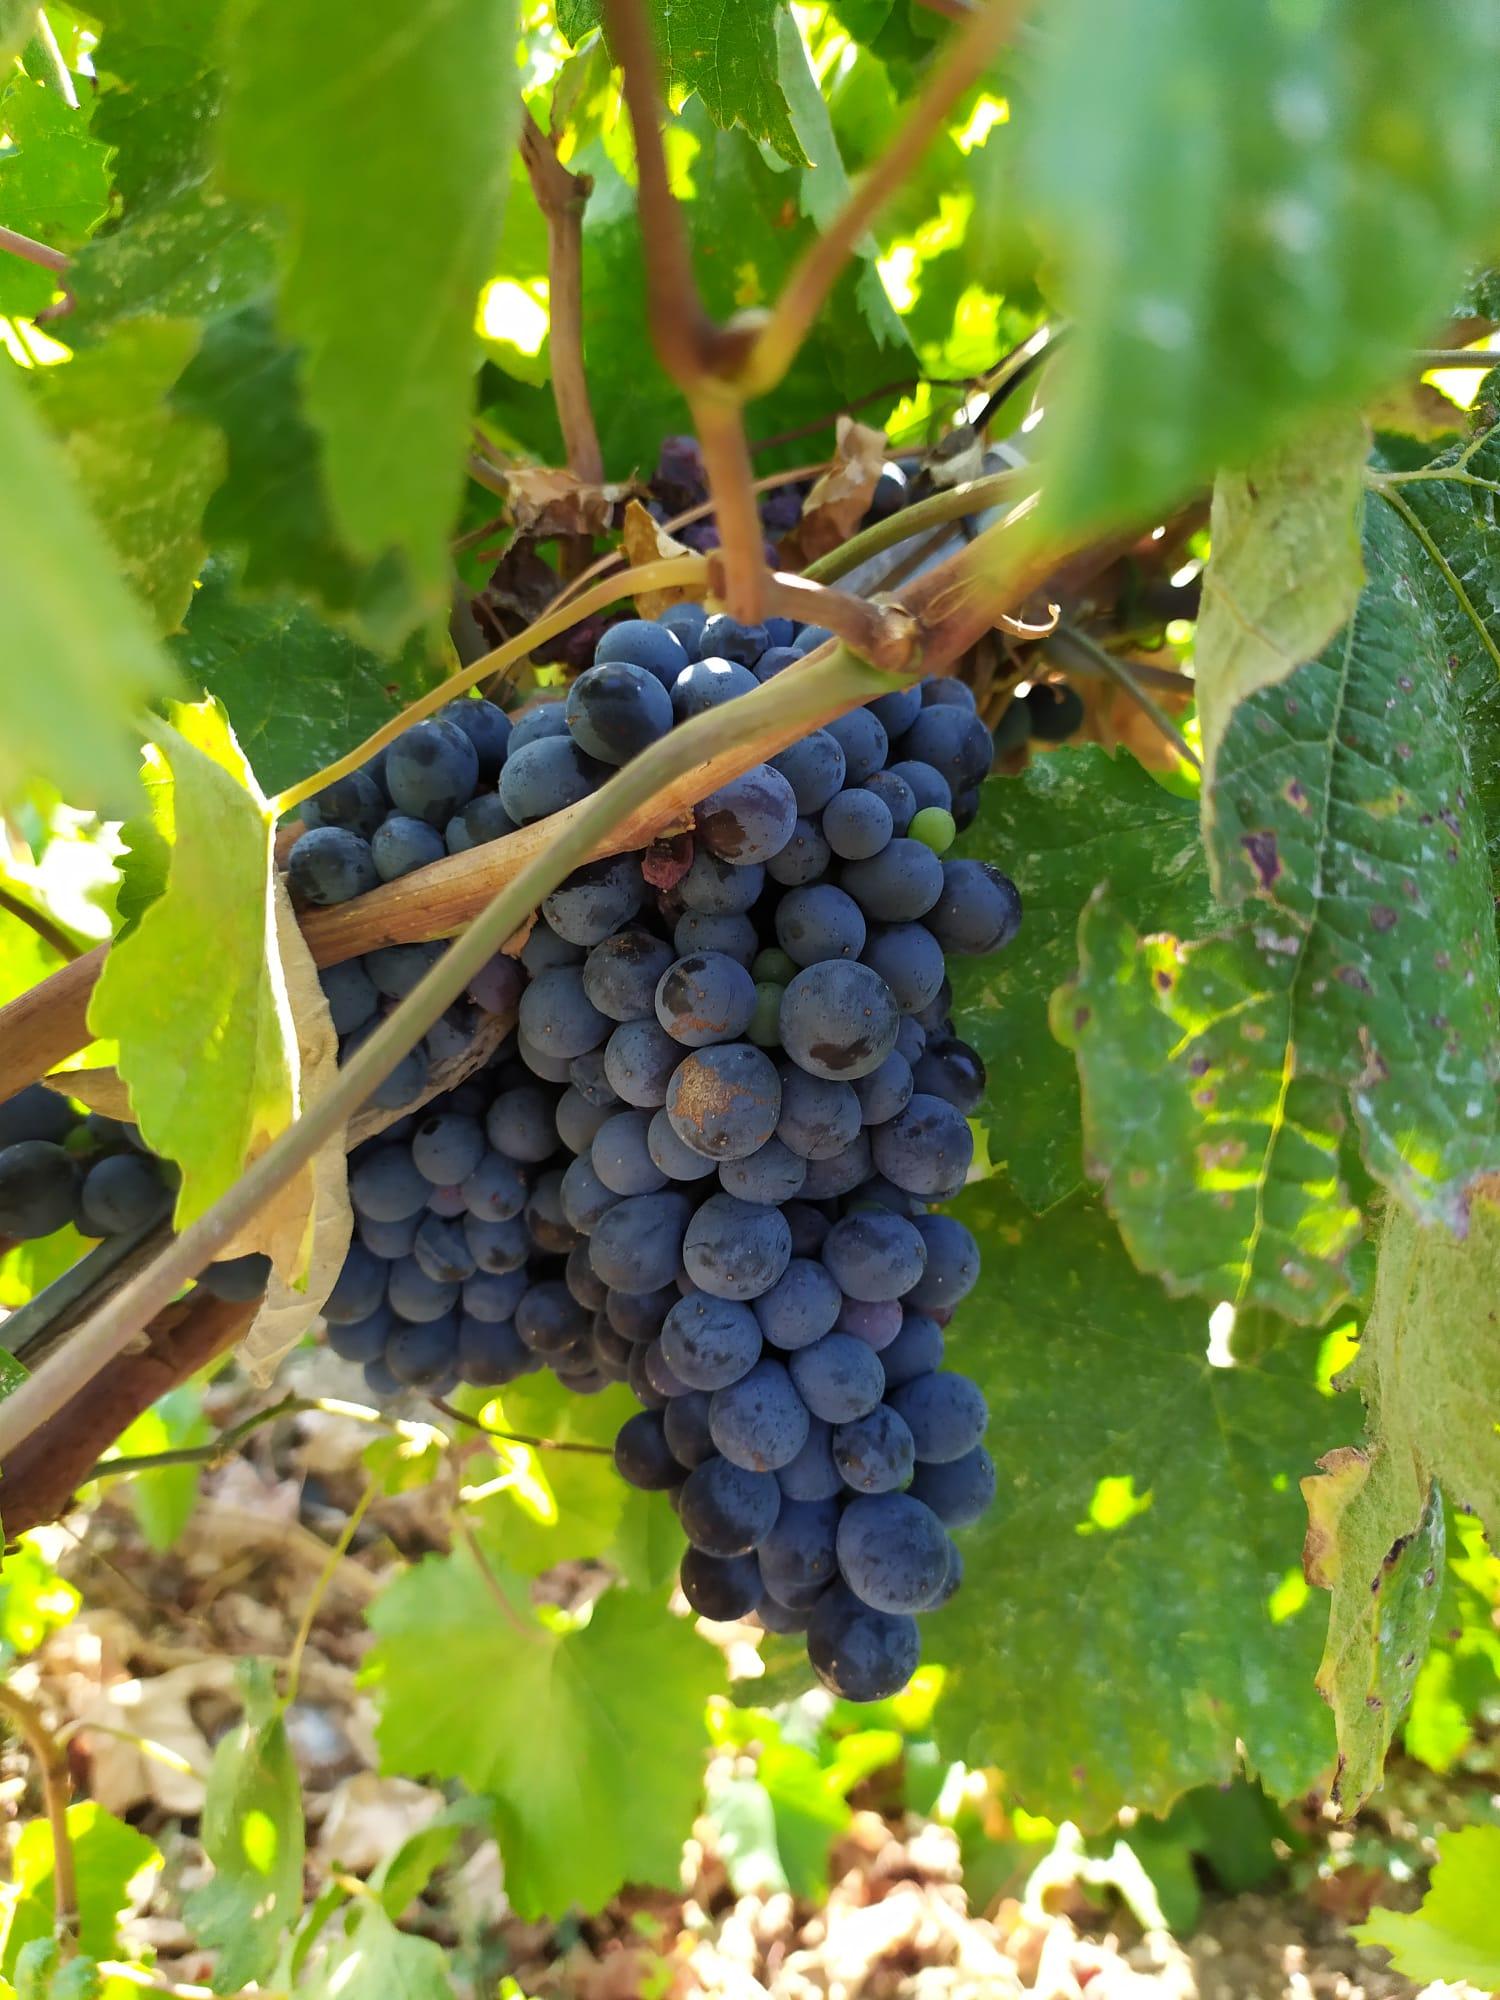 Le origini del vino Negroamaro nel Salento